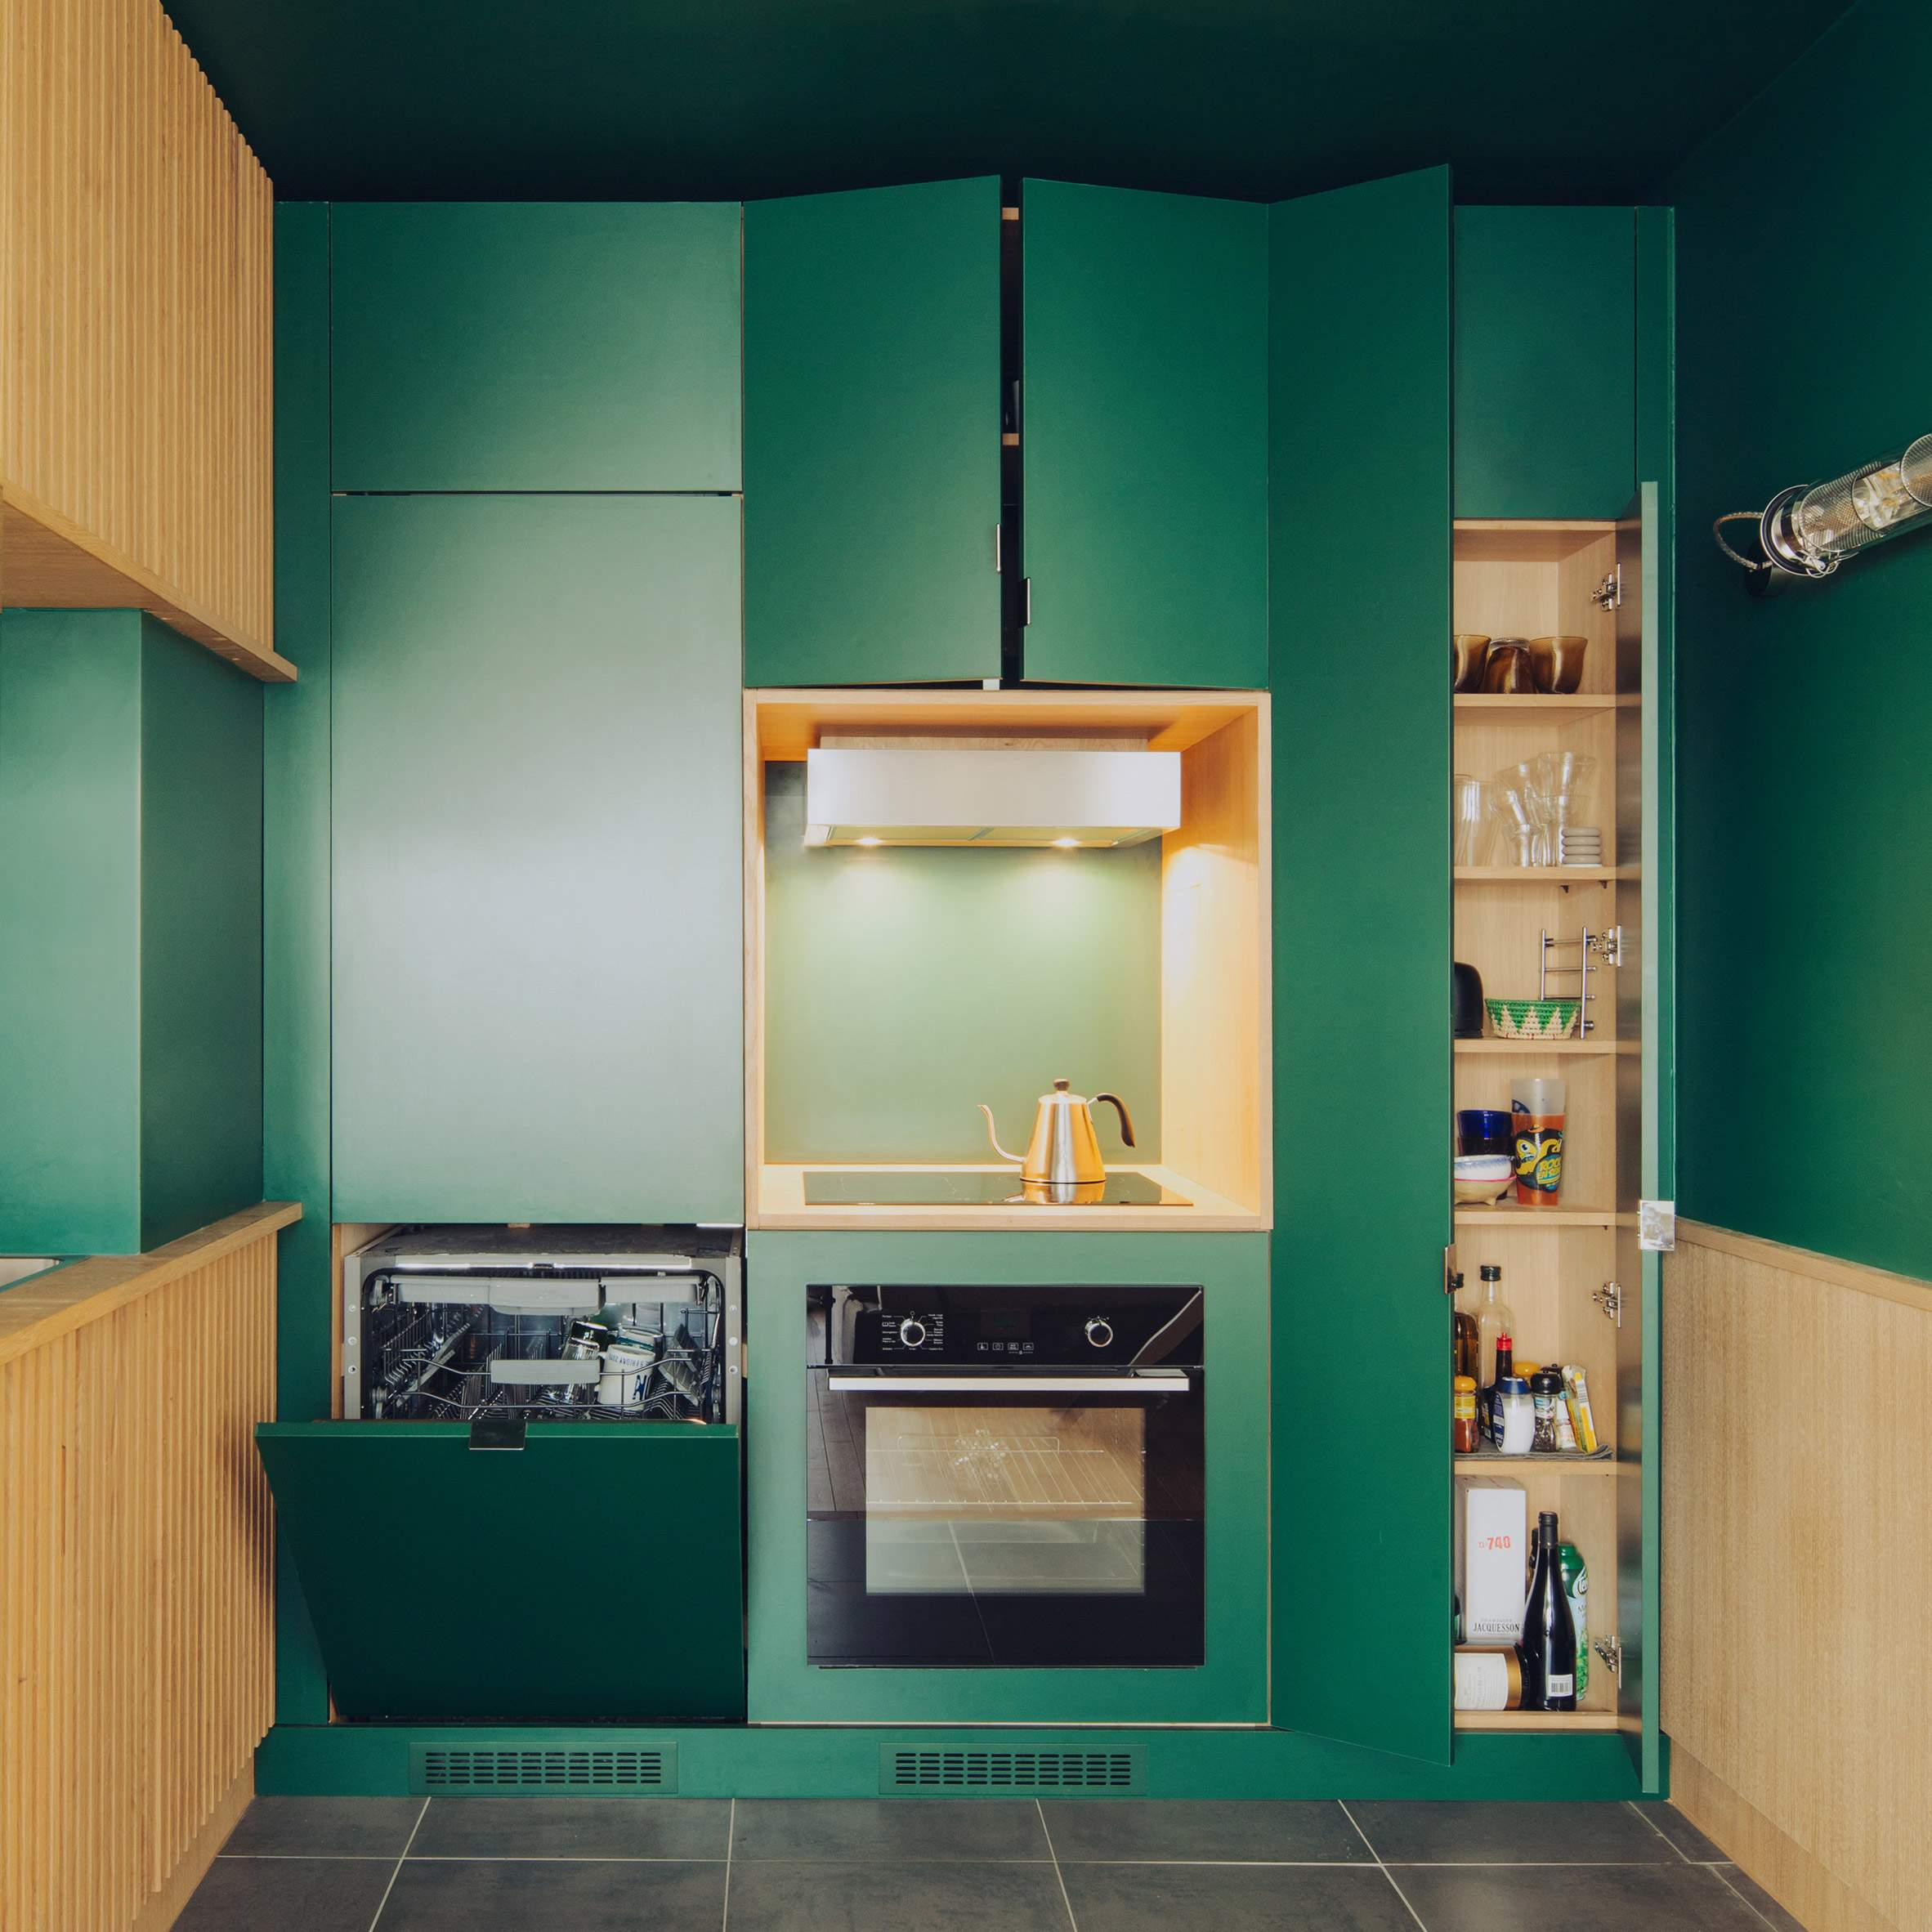 Кухня изумрудного цвета добавляет квартире характера